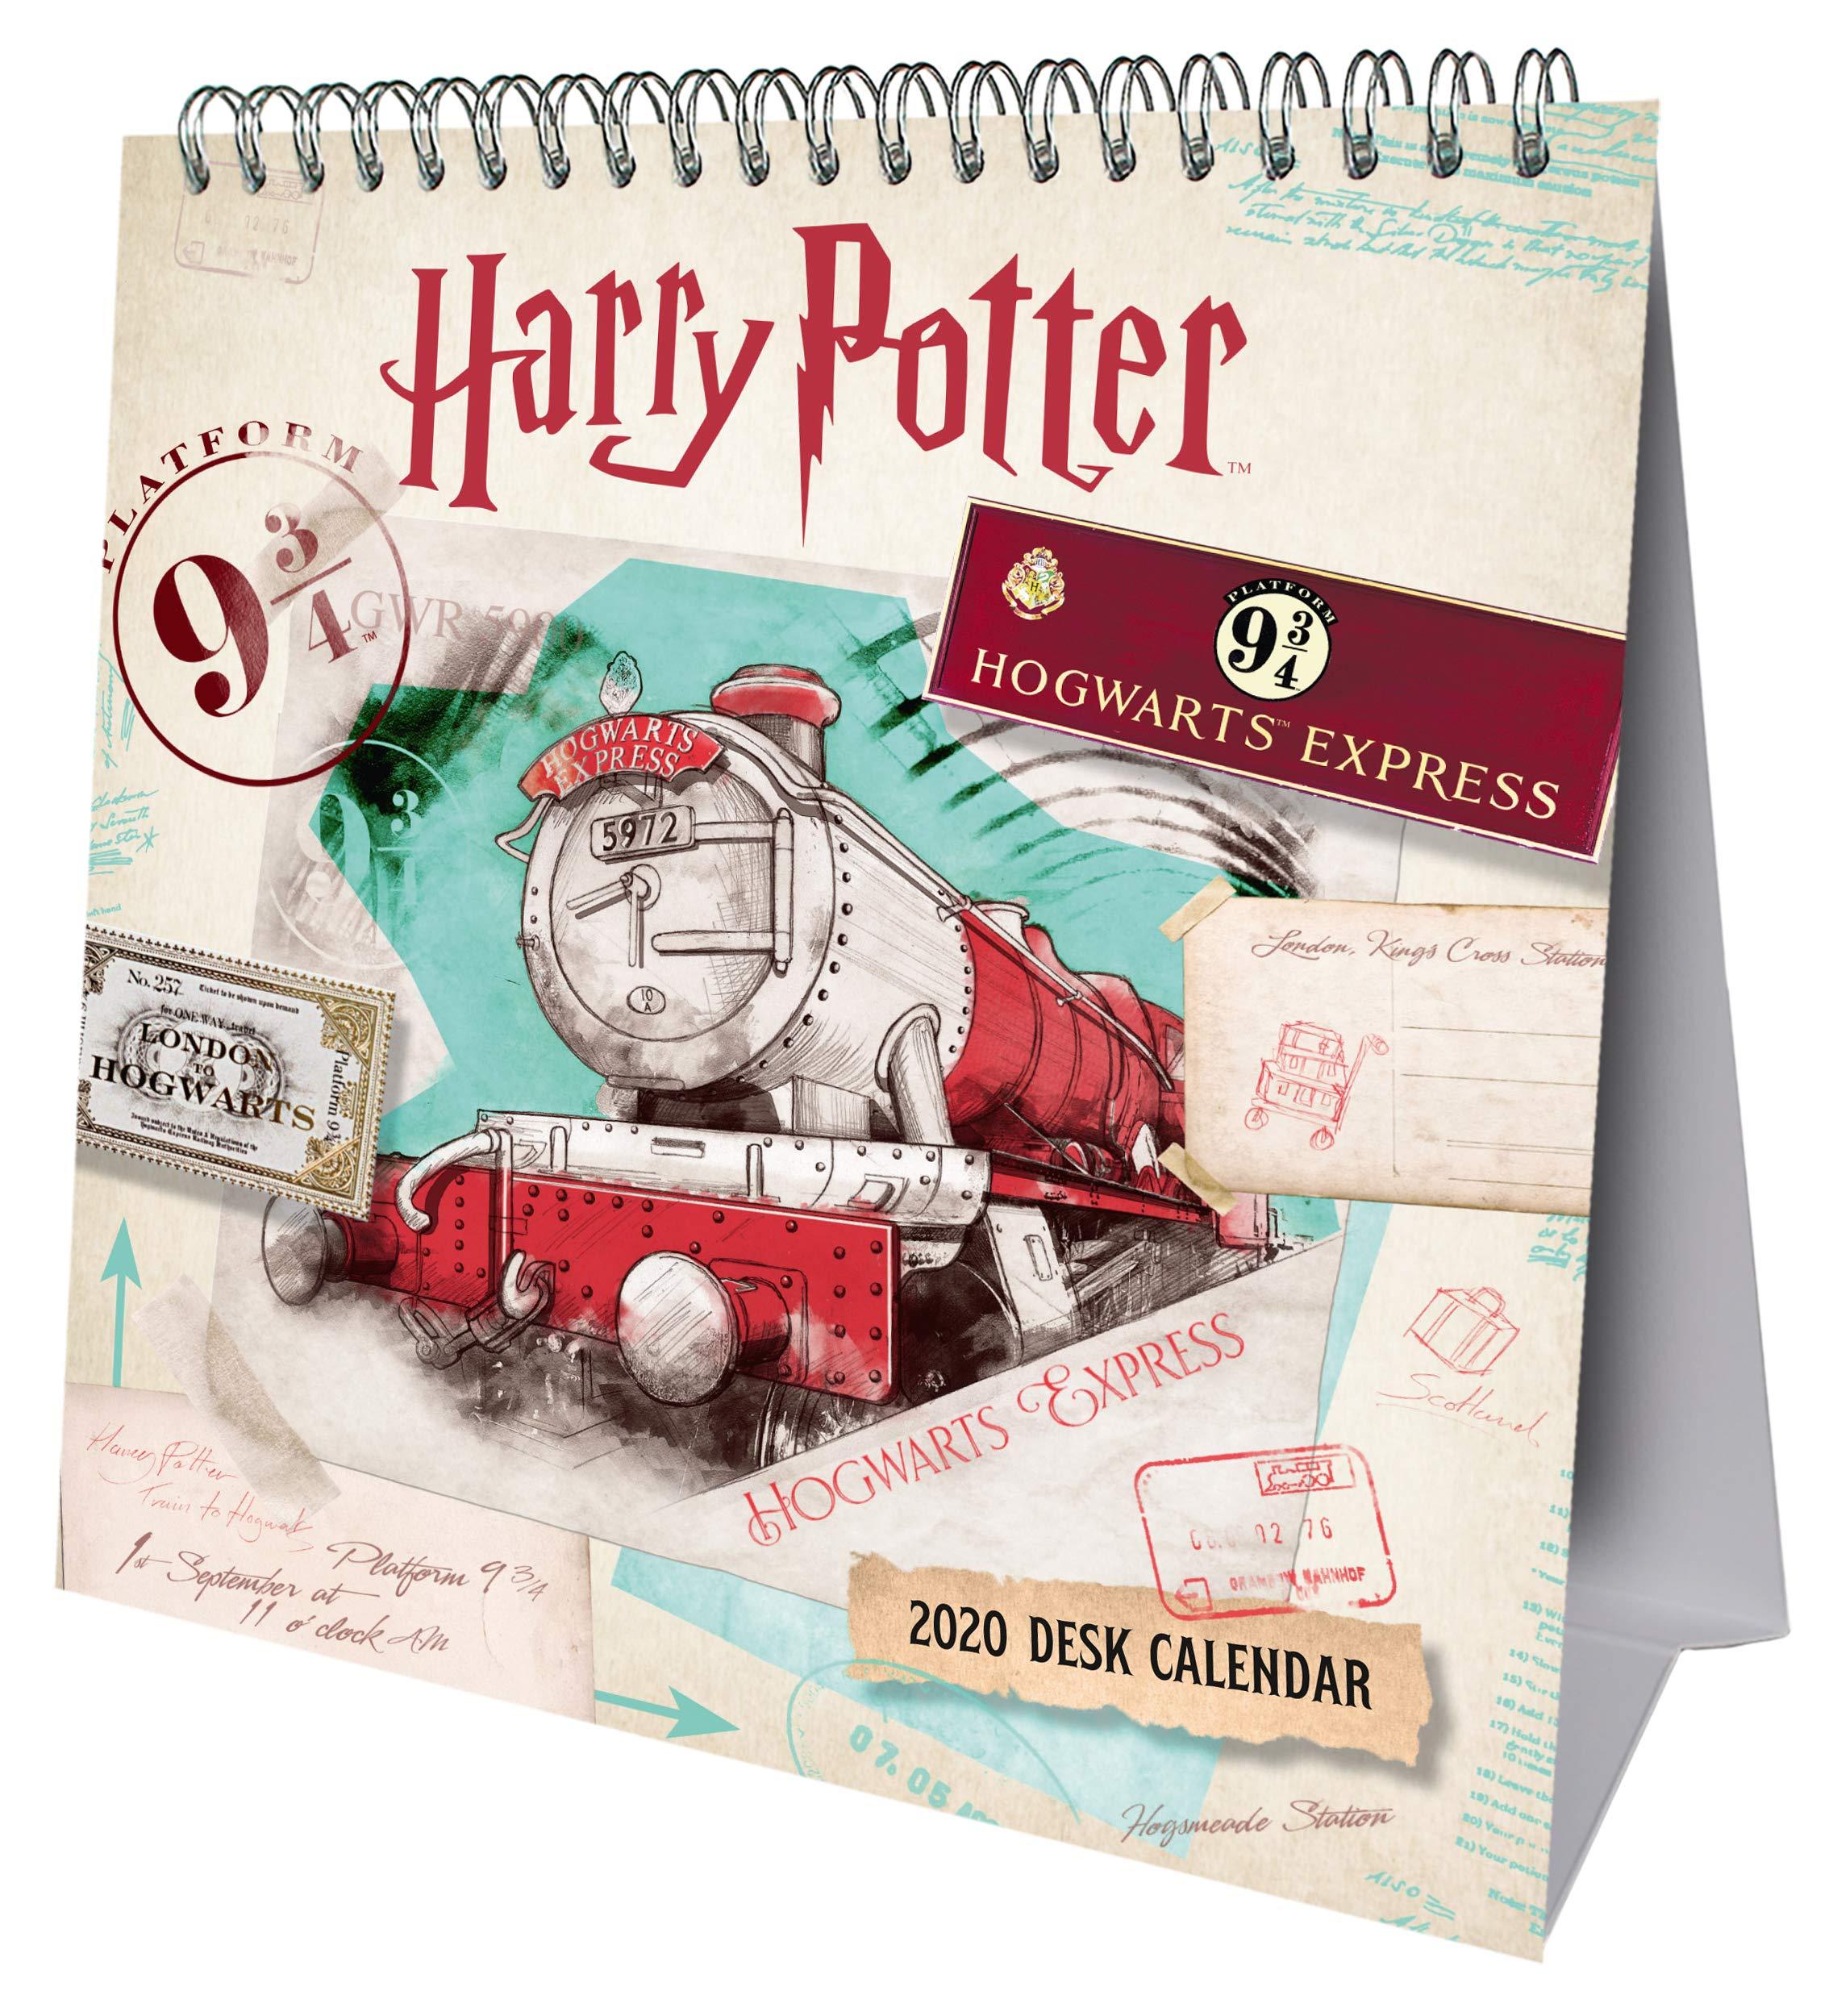 Harry Potter 2020 Desk Easel Calendar   Official Desk Easel With Removable Postcards  2020 Calendar